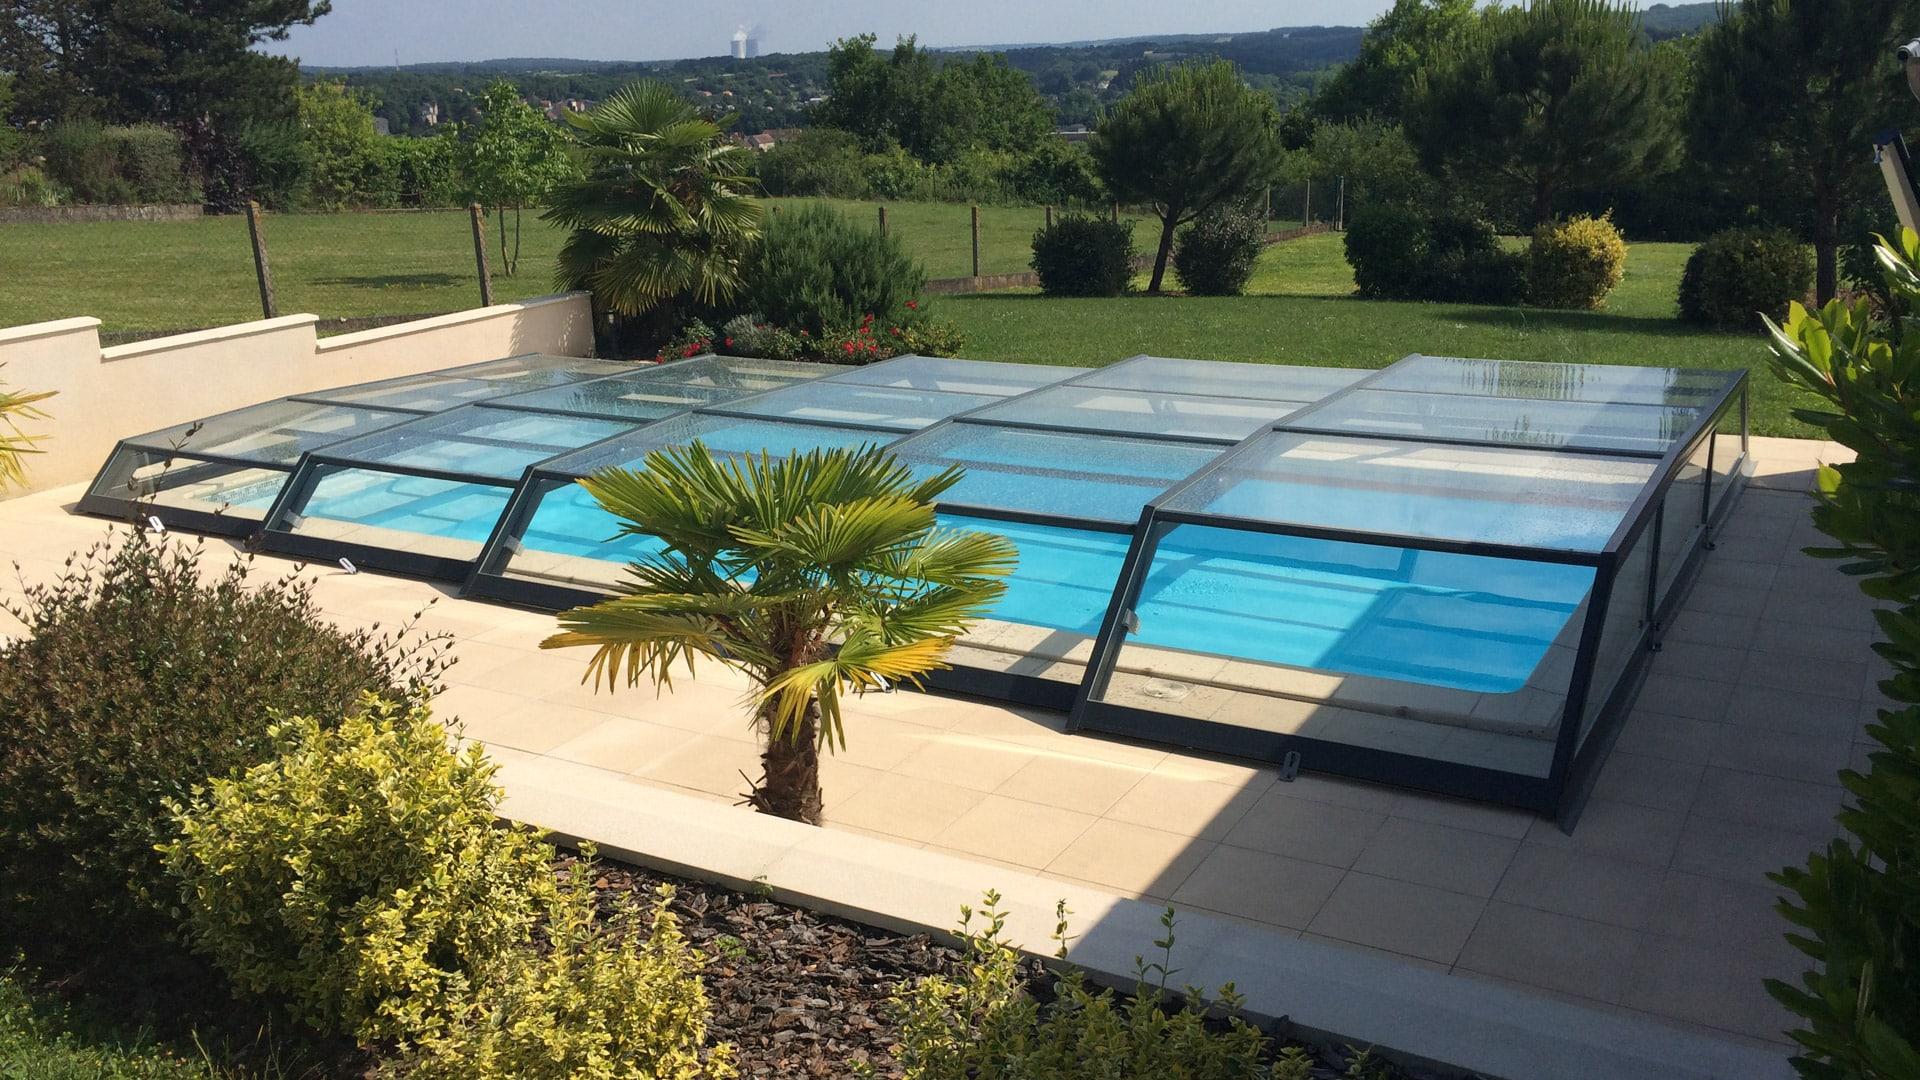 Iris Low Level Pool Enclosure - Pool Enclosure tout Piscine Epdm